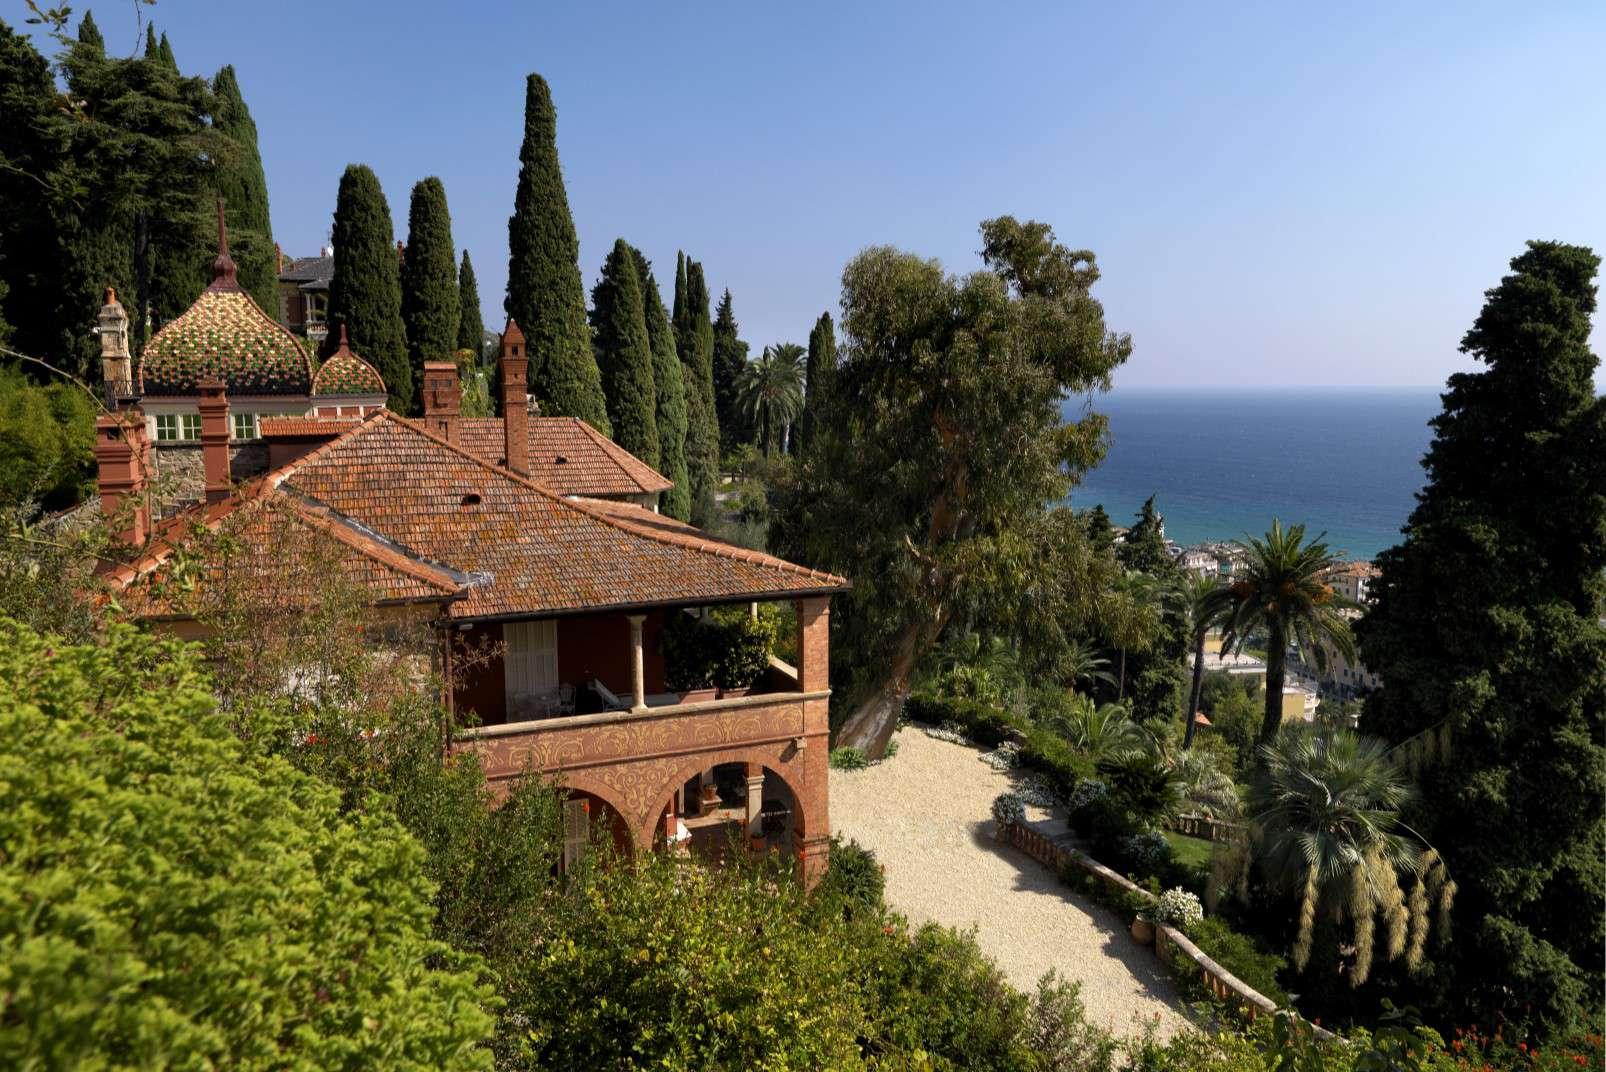 Villa Della Pergola, Alassio